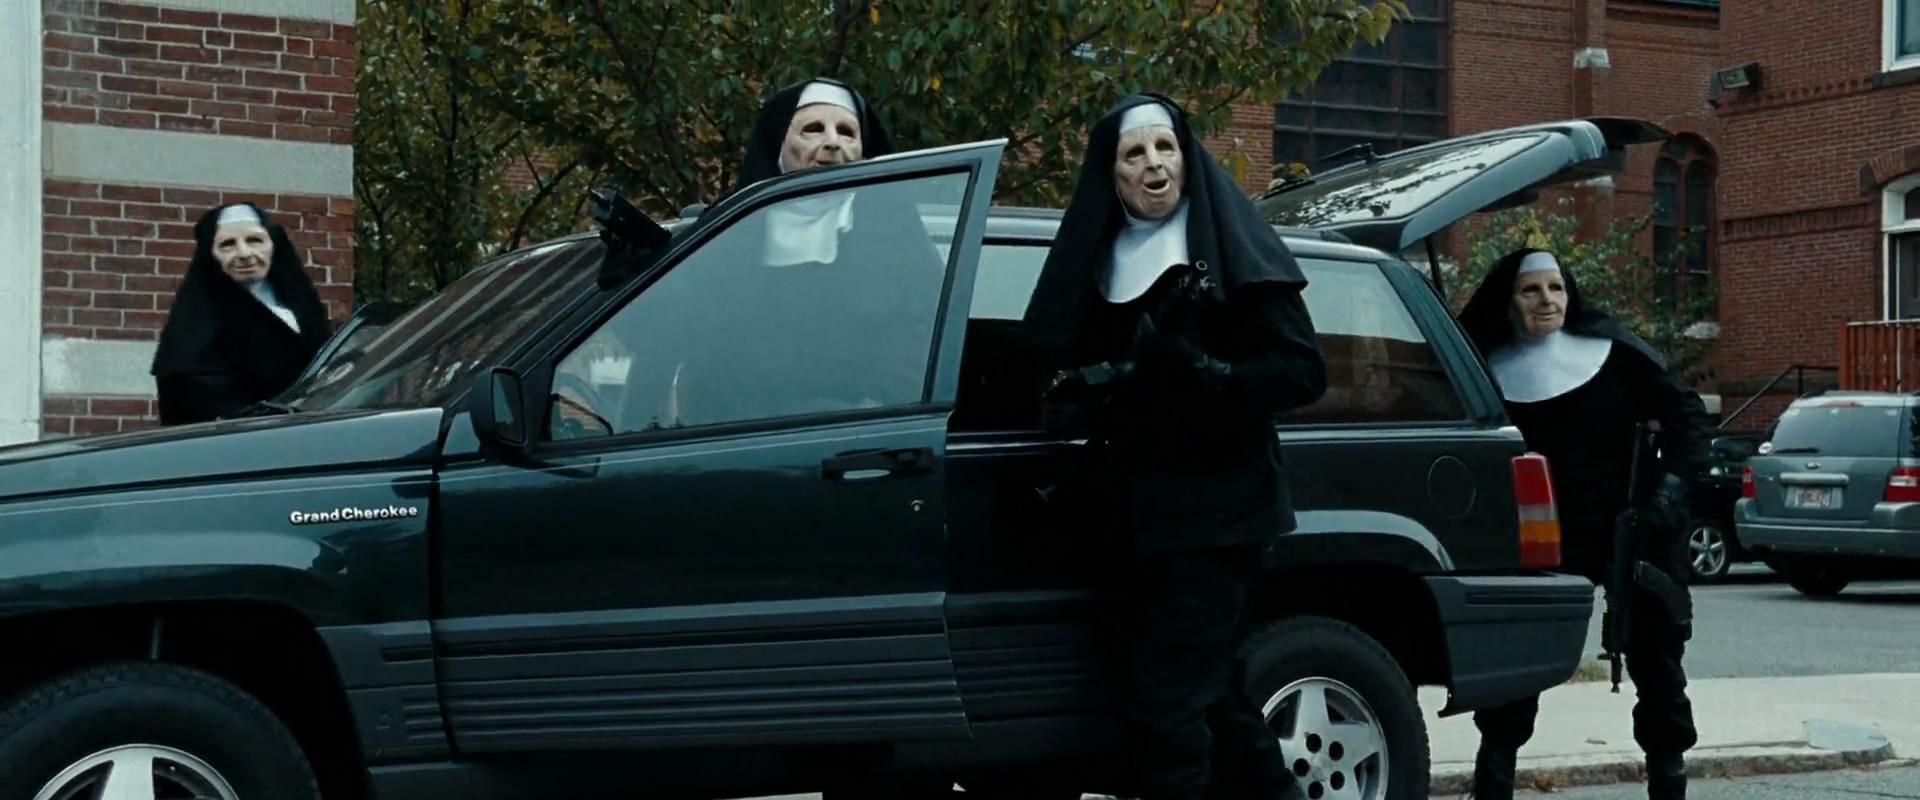 Фото крутых монахинь 15 фотография